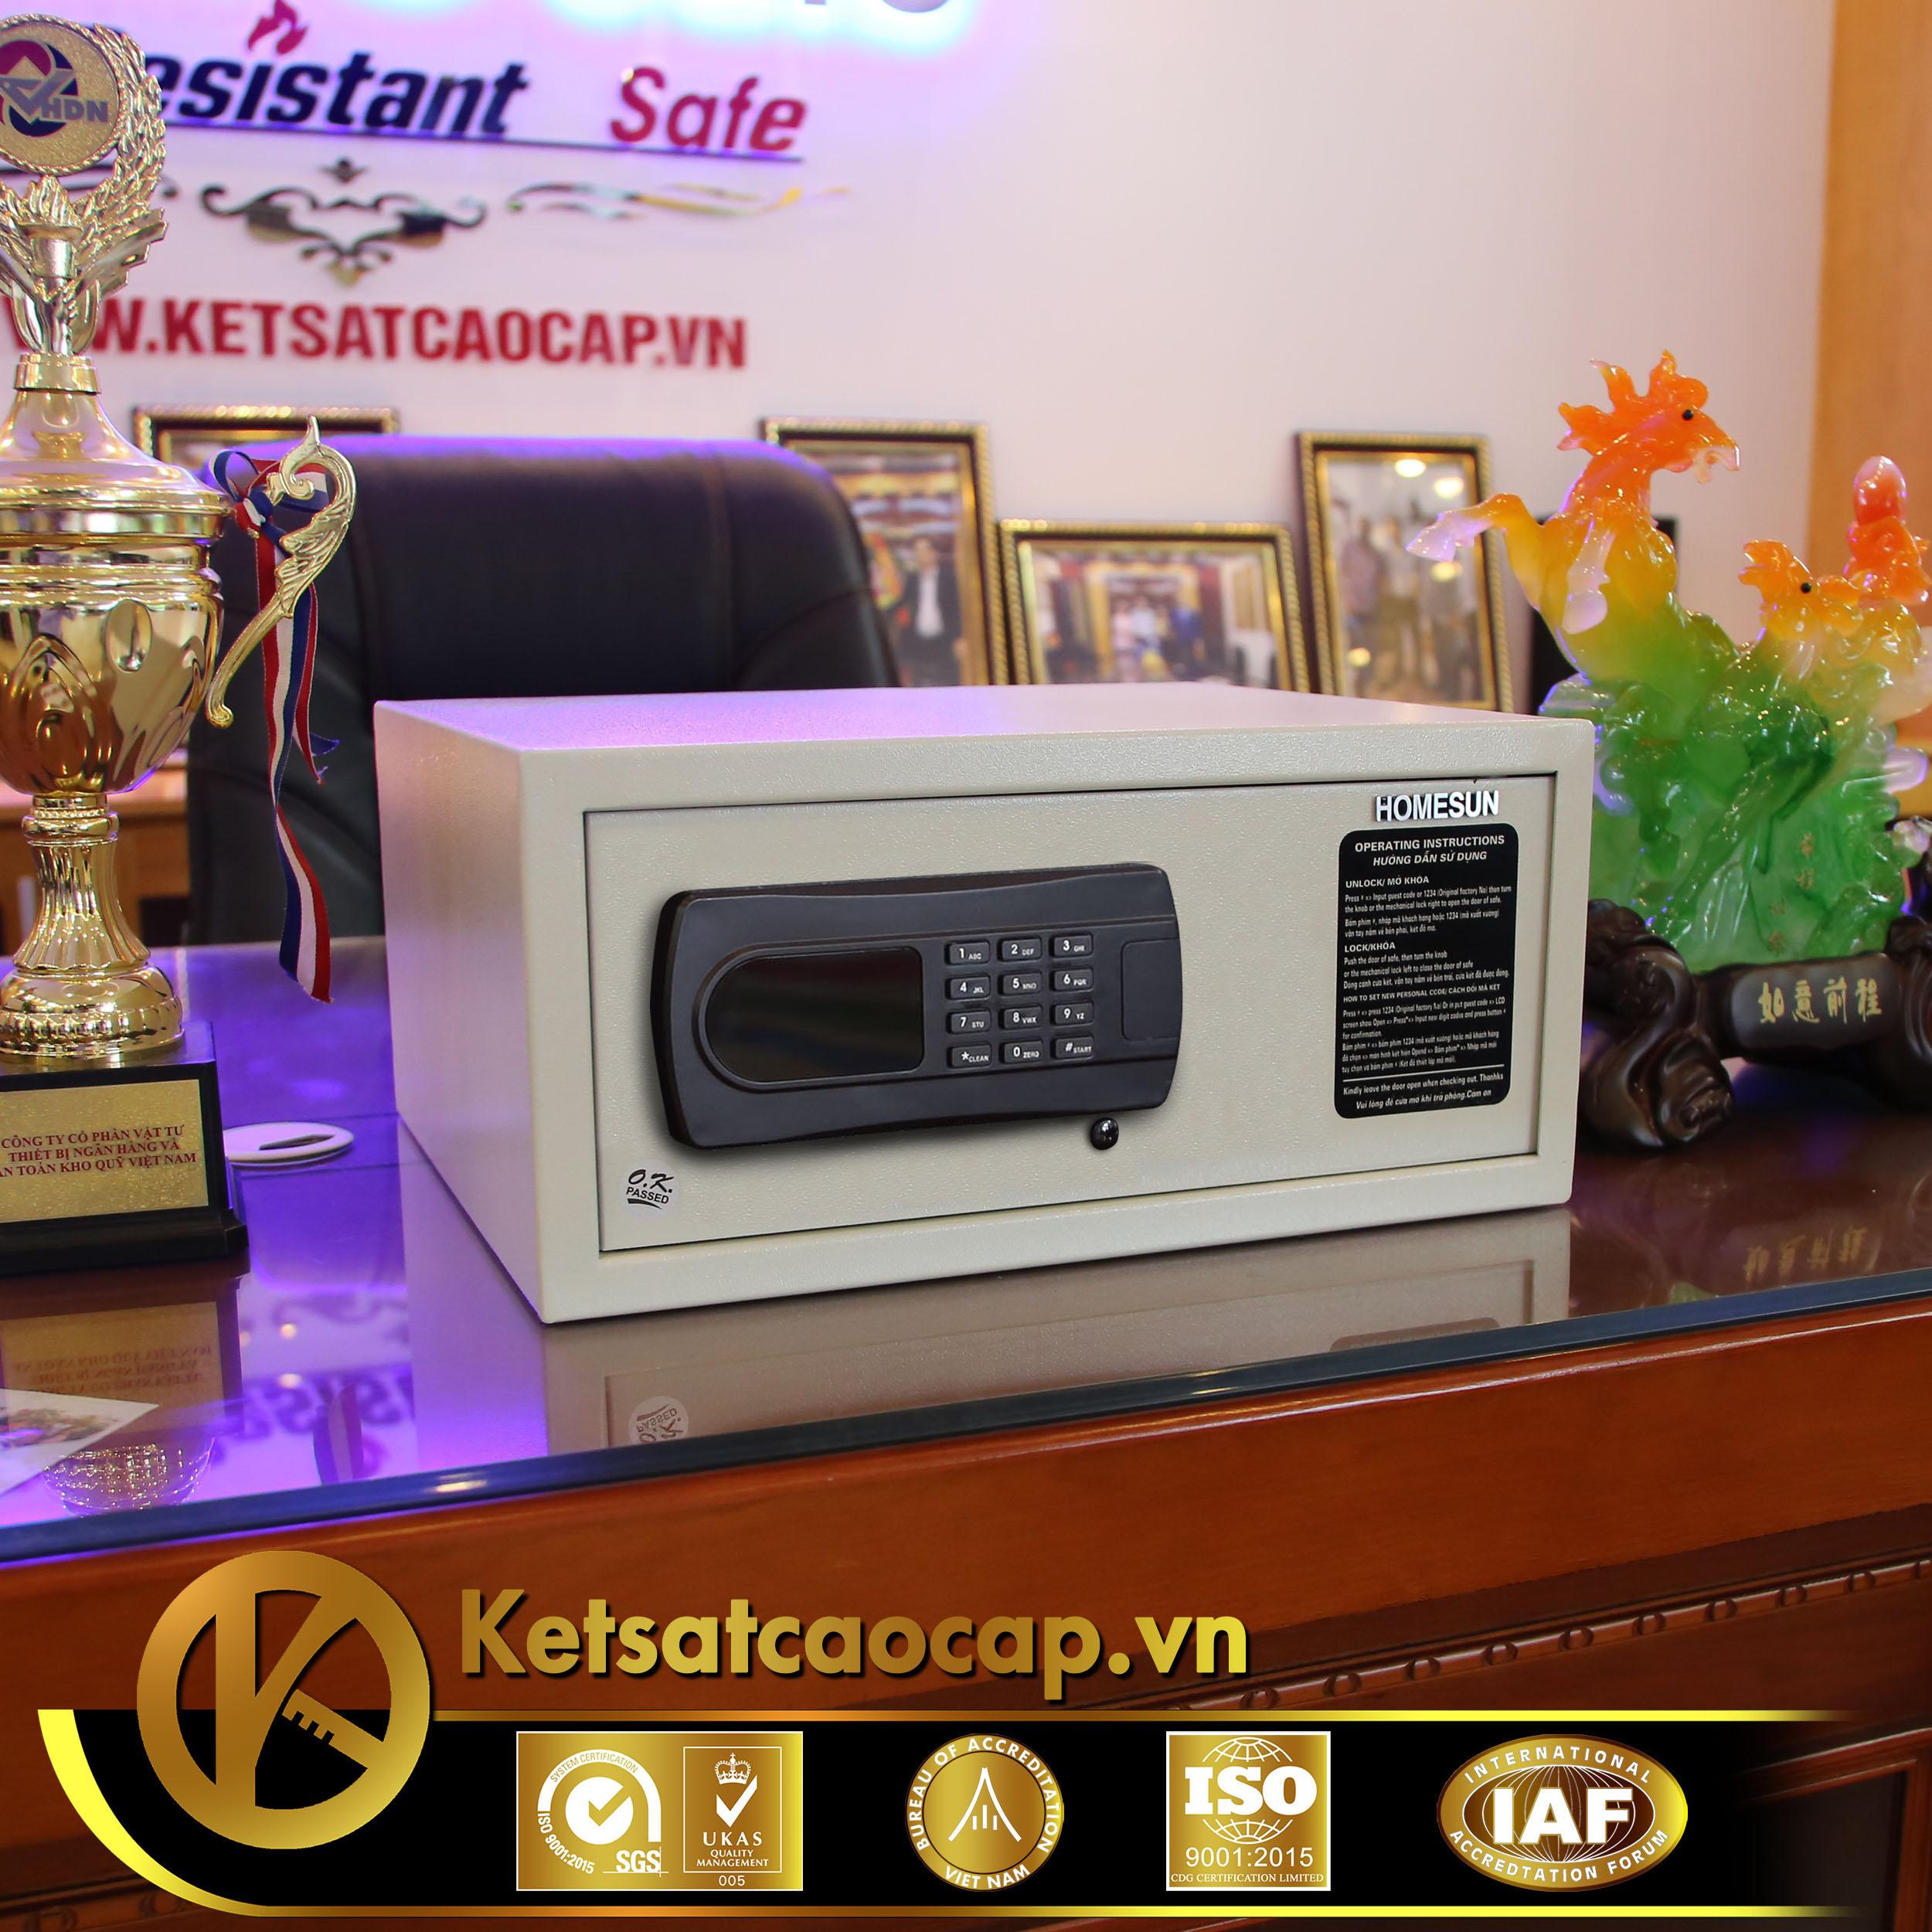 nhà cung cấp két sắt khách sạn Condotel Đà Nẵng WELKO Hotel Safe